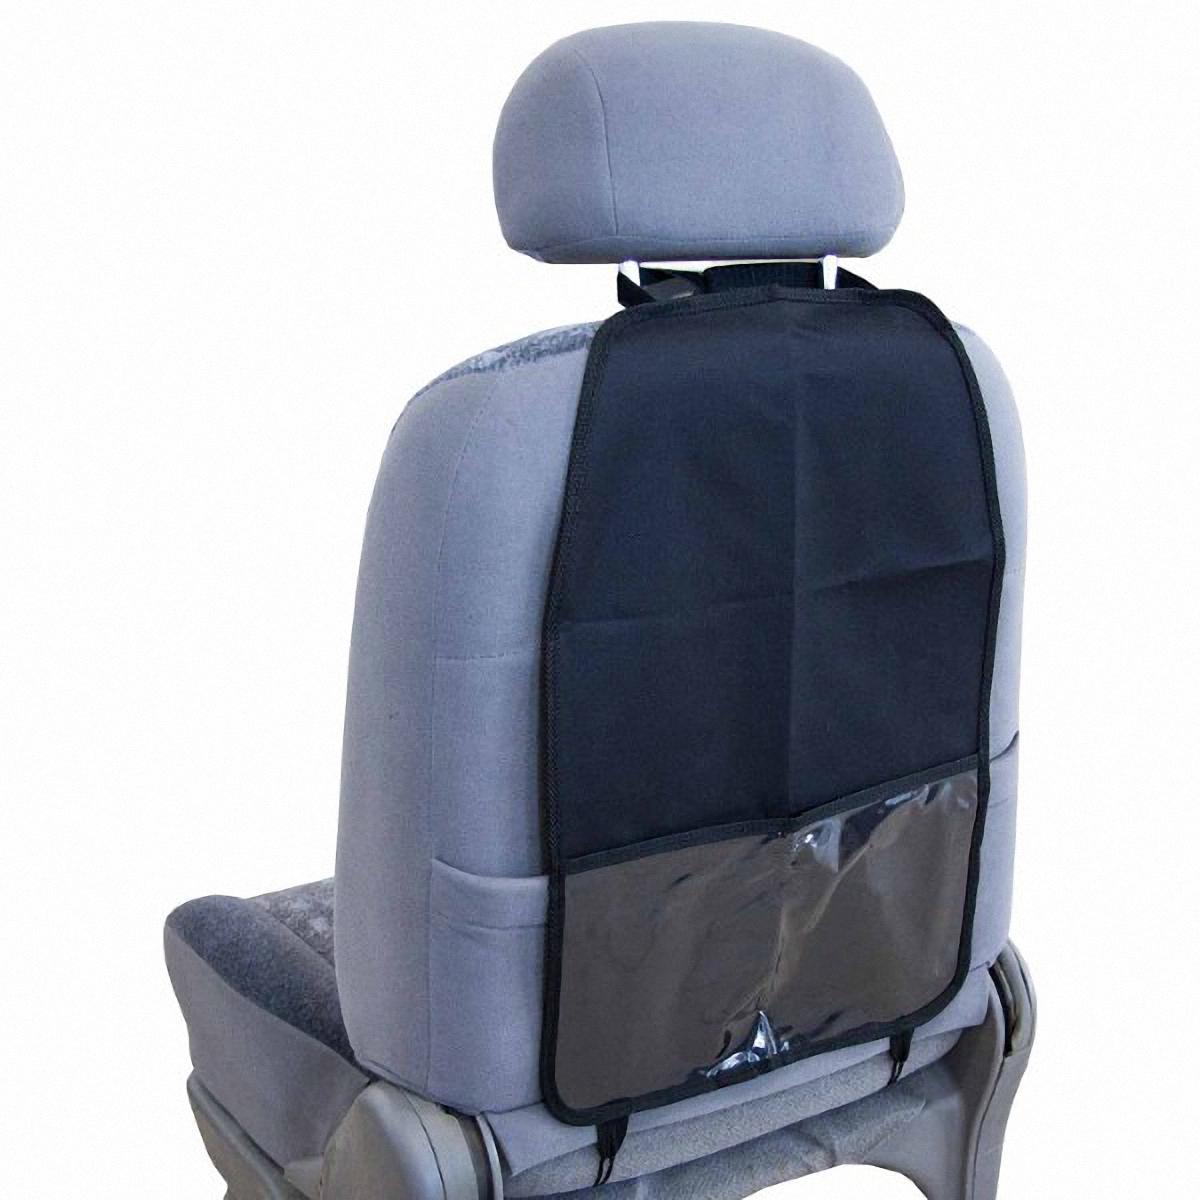 Накидка защитная Skyway, на спинку сидения, 37 х 55 смCA-3505Защита спинки сидения Skyway совмещает в себе функции органайзера и защиты спинки сиденья. Позволяет компактно разместить все необходимые автомобилисту инструменты и аксессуары: от отвертки до детских книг. При этом надежно защищает сиденье от загрязнений и повреждений. Органайзер оснащен карманом, изготовлен из водонепроницаемого и прочного материала. Легко устанавливается и не требует дополнительного ухода. Размер изделия: 37 х 55 см.